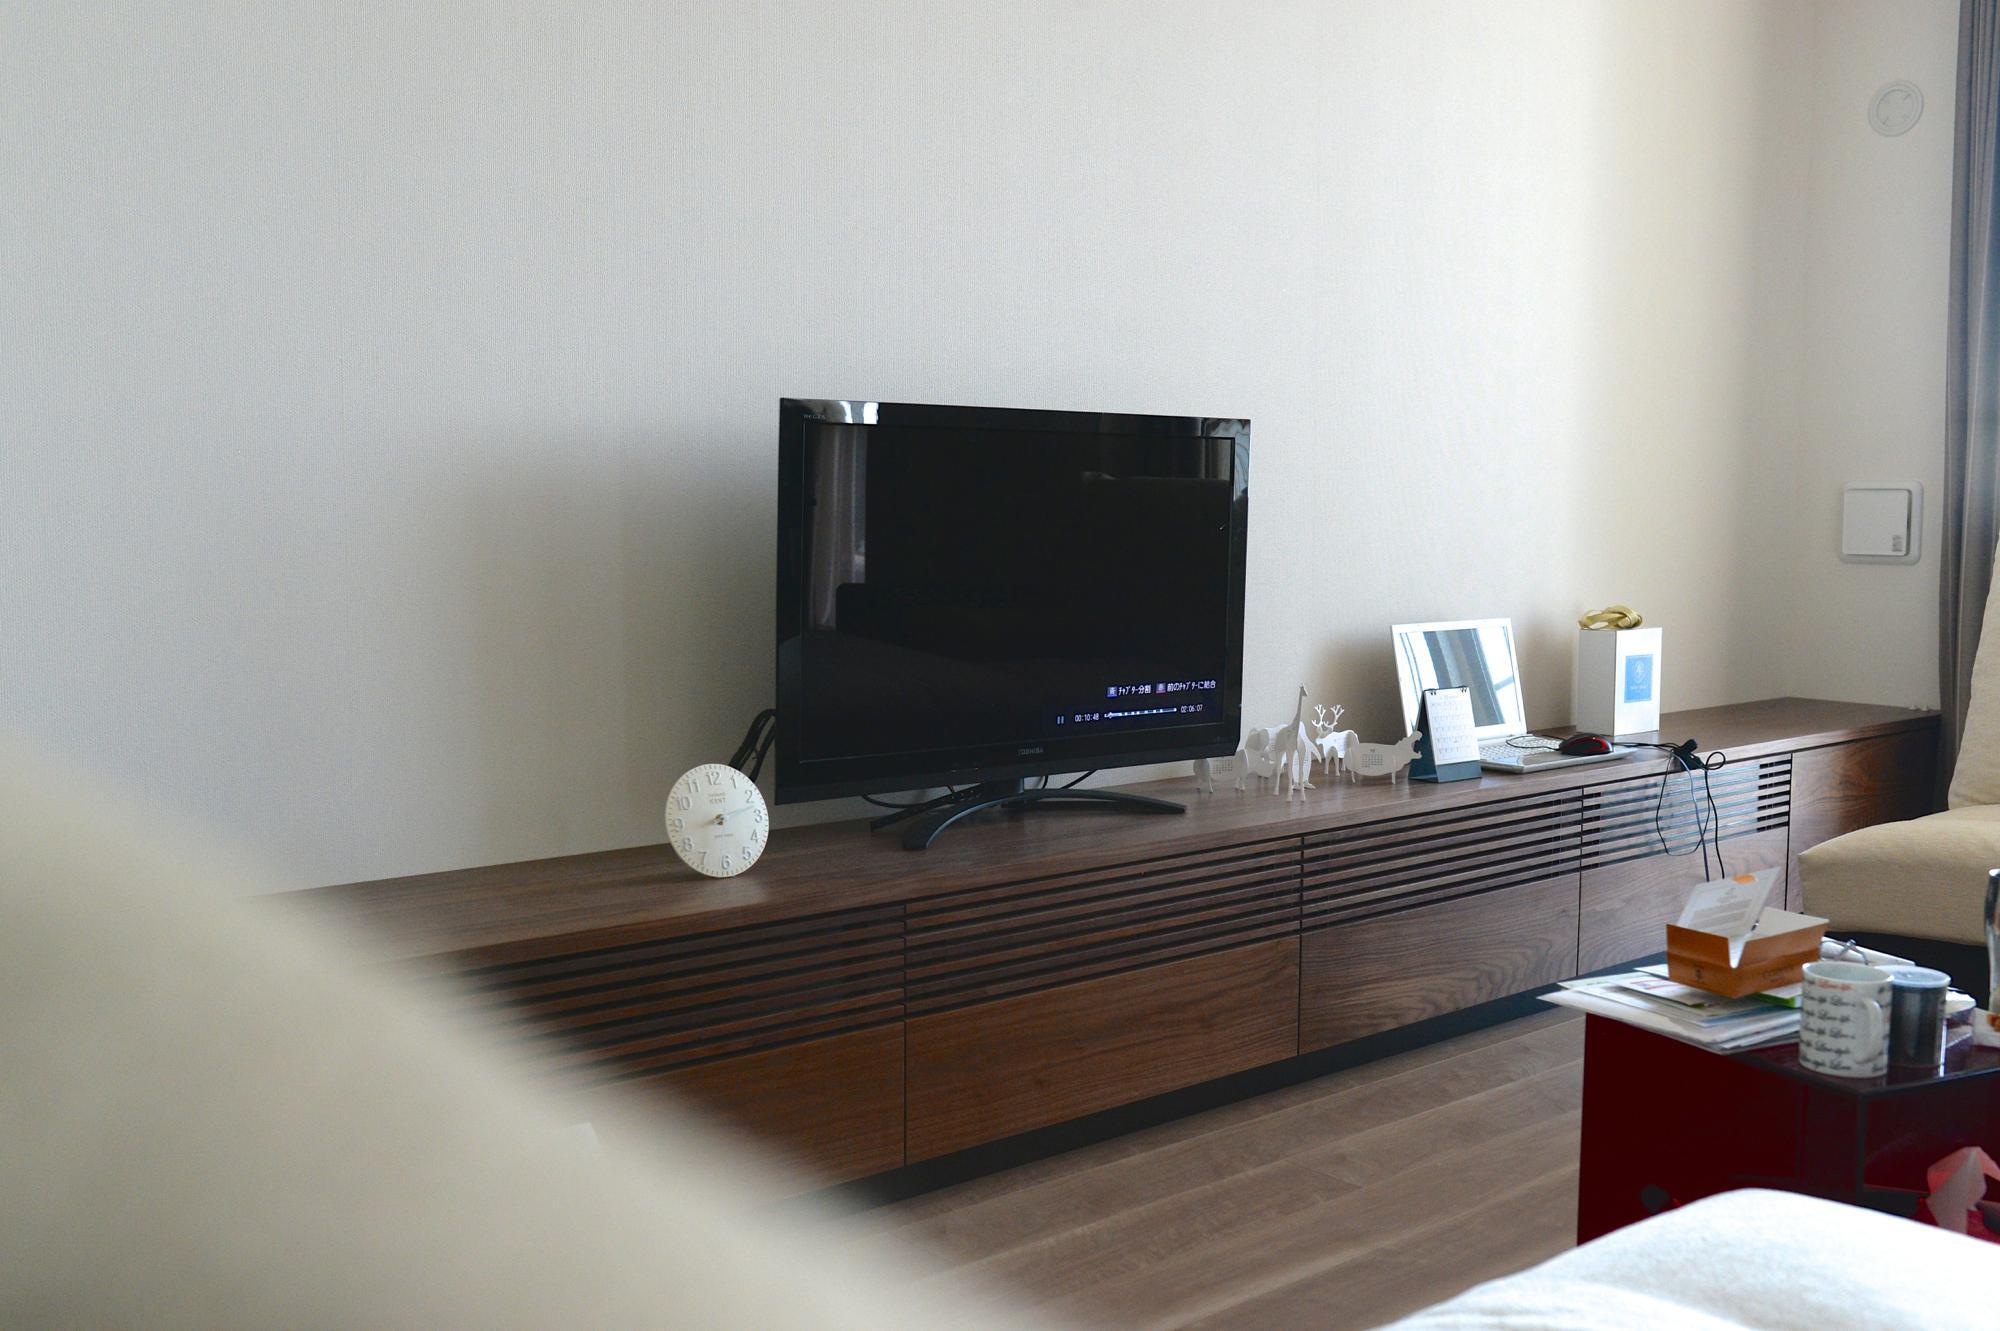 ウォルデン オーダー家具 テレビボード